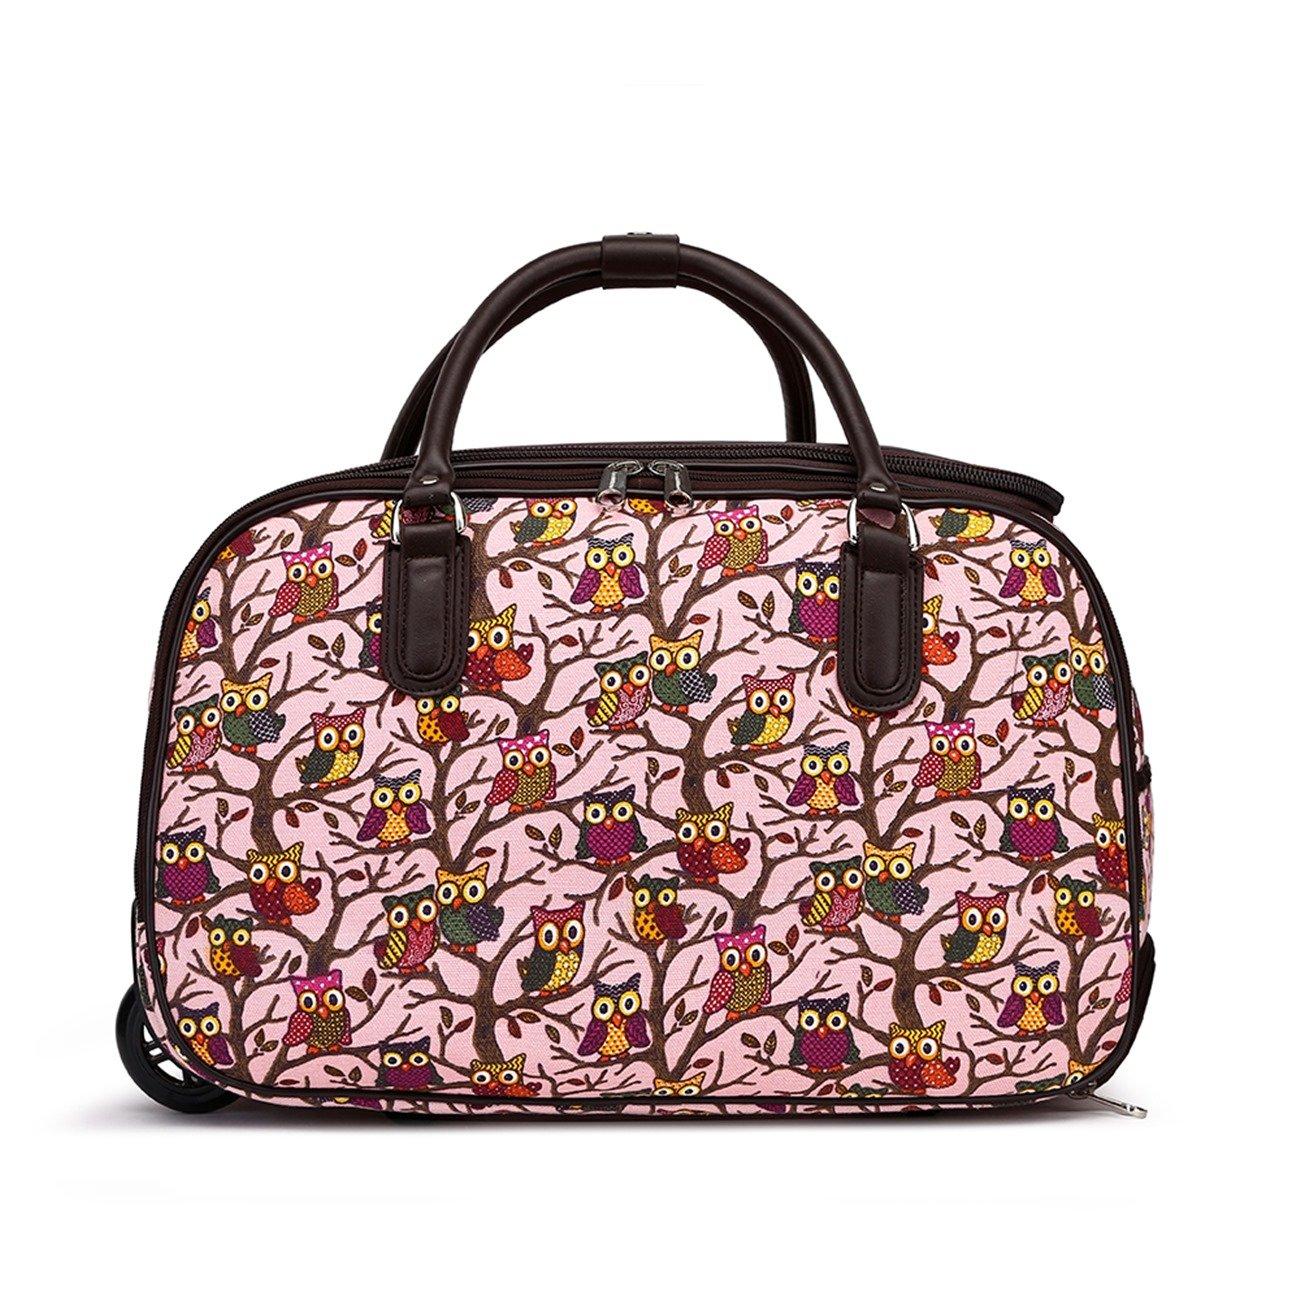 LeahWard Sac /à bagages Holdall pour femme Valise de voyage de bagage /à main Sacs d/école de vacances 005 S BLEU FONC/É DOTS